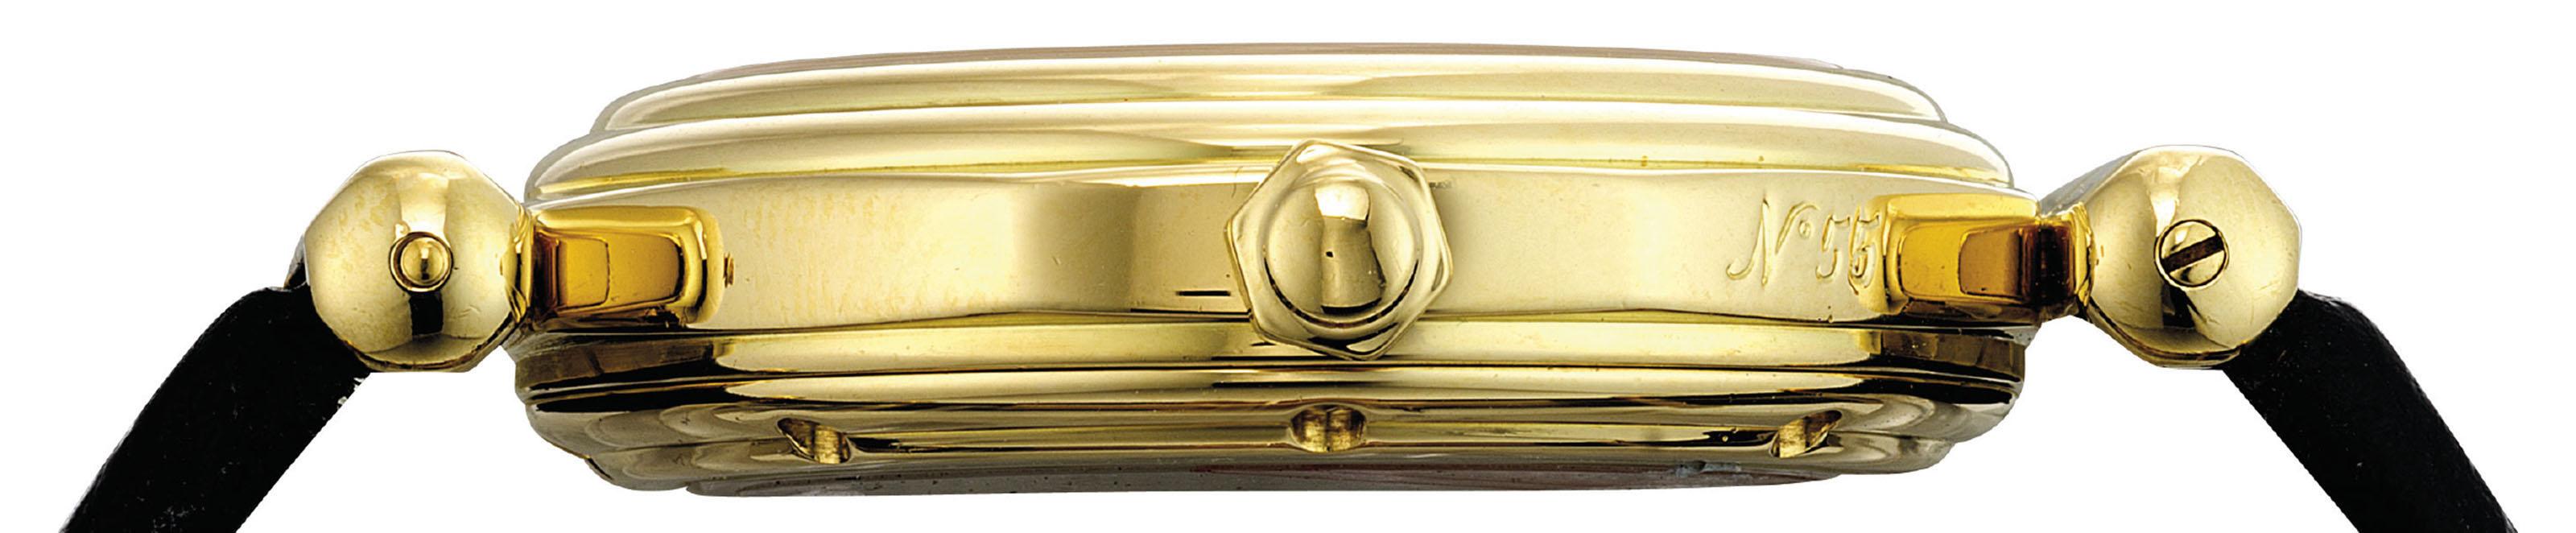 GERALD GENTA. A FINE 18K GOLD